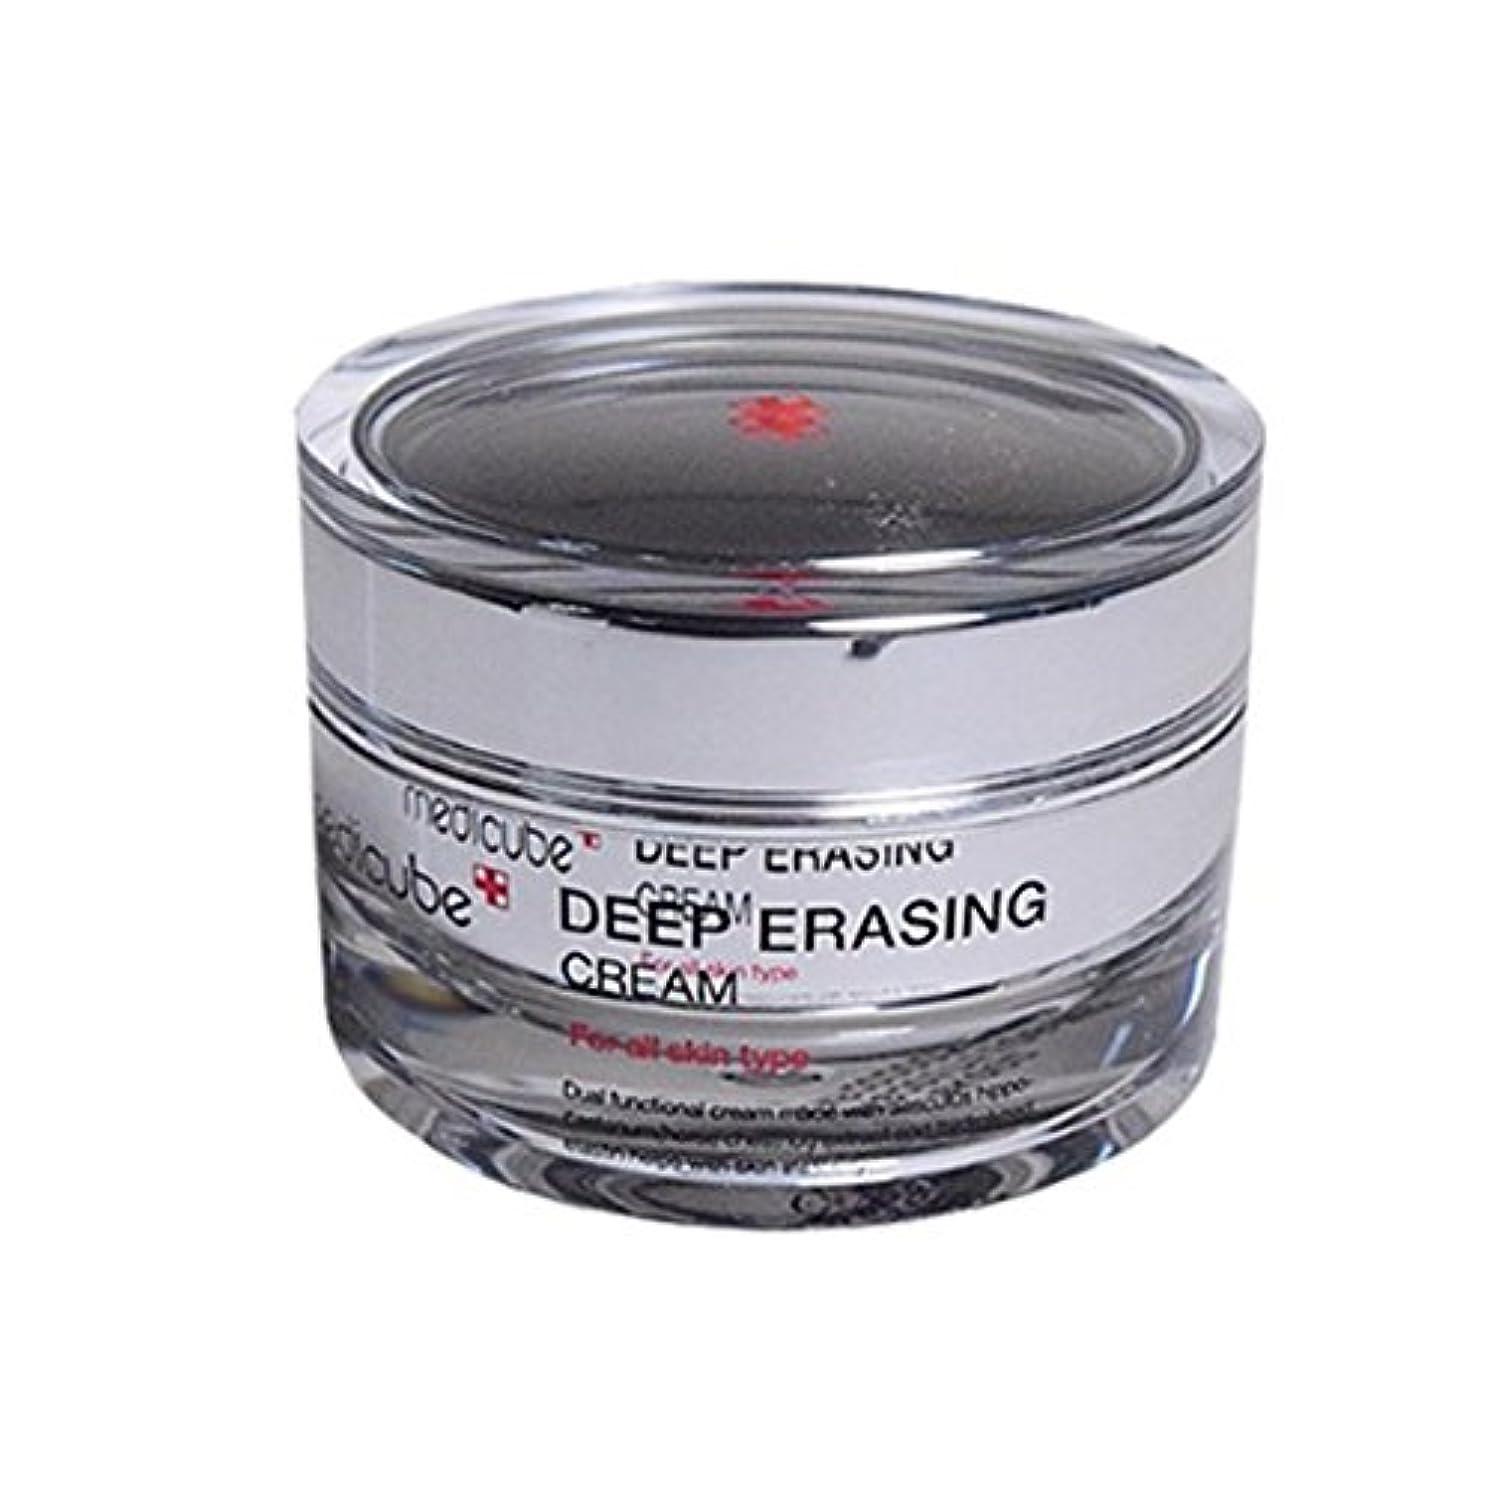 確かな赤道戦術メディキューブ?ディップイレイジンクリーム50ml、Medicube Deep Erasing Cream 50ml [並行輸入品]